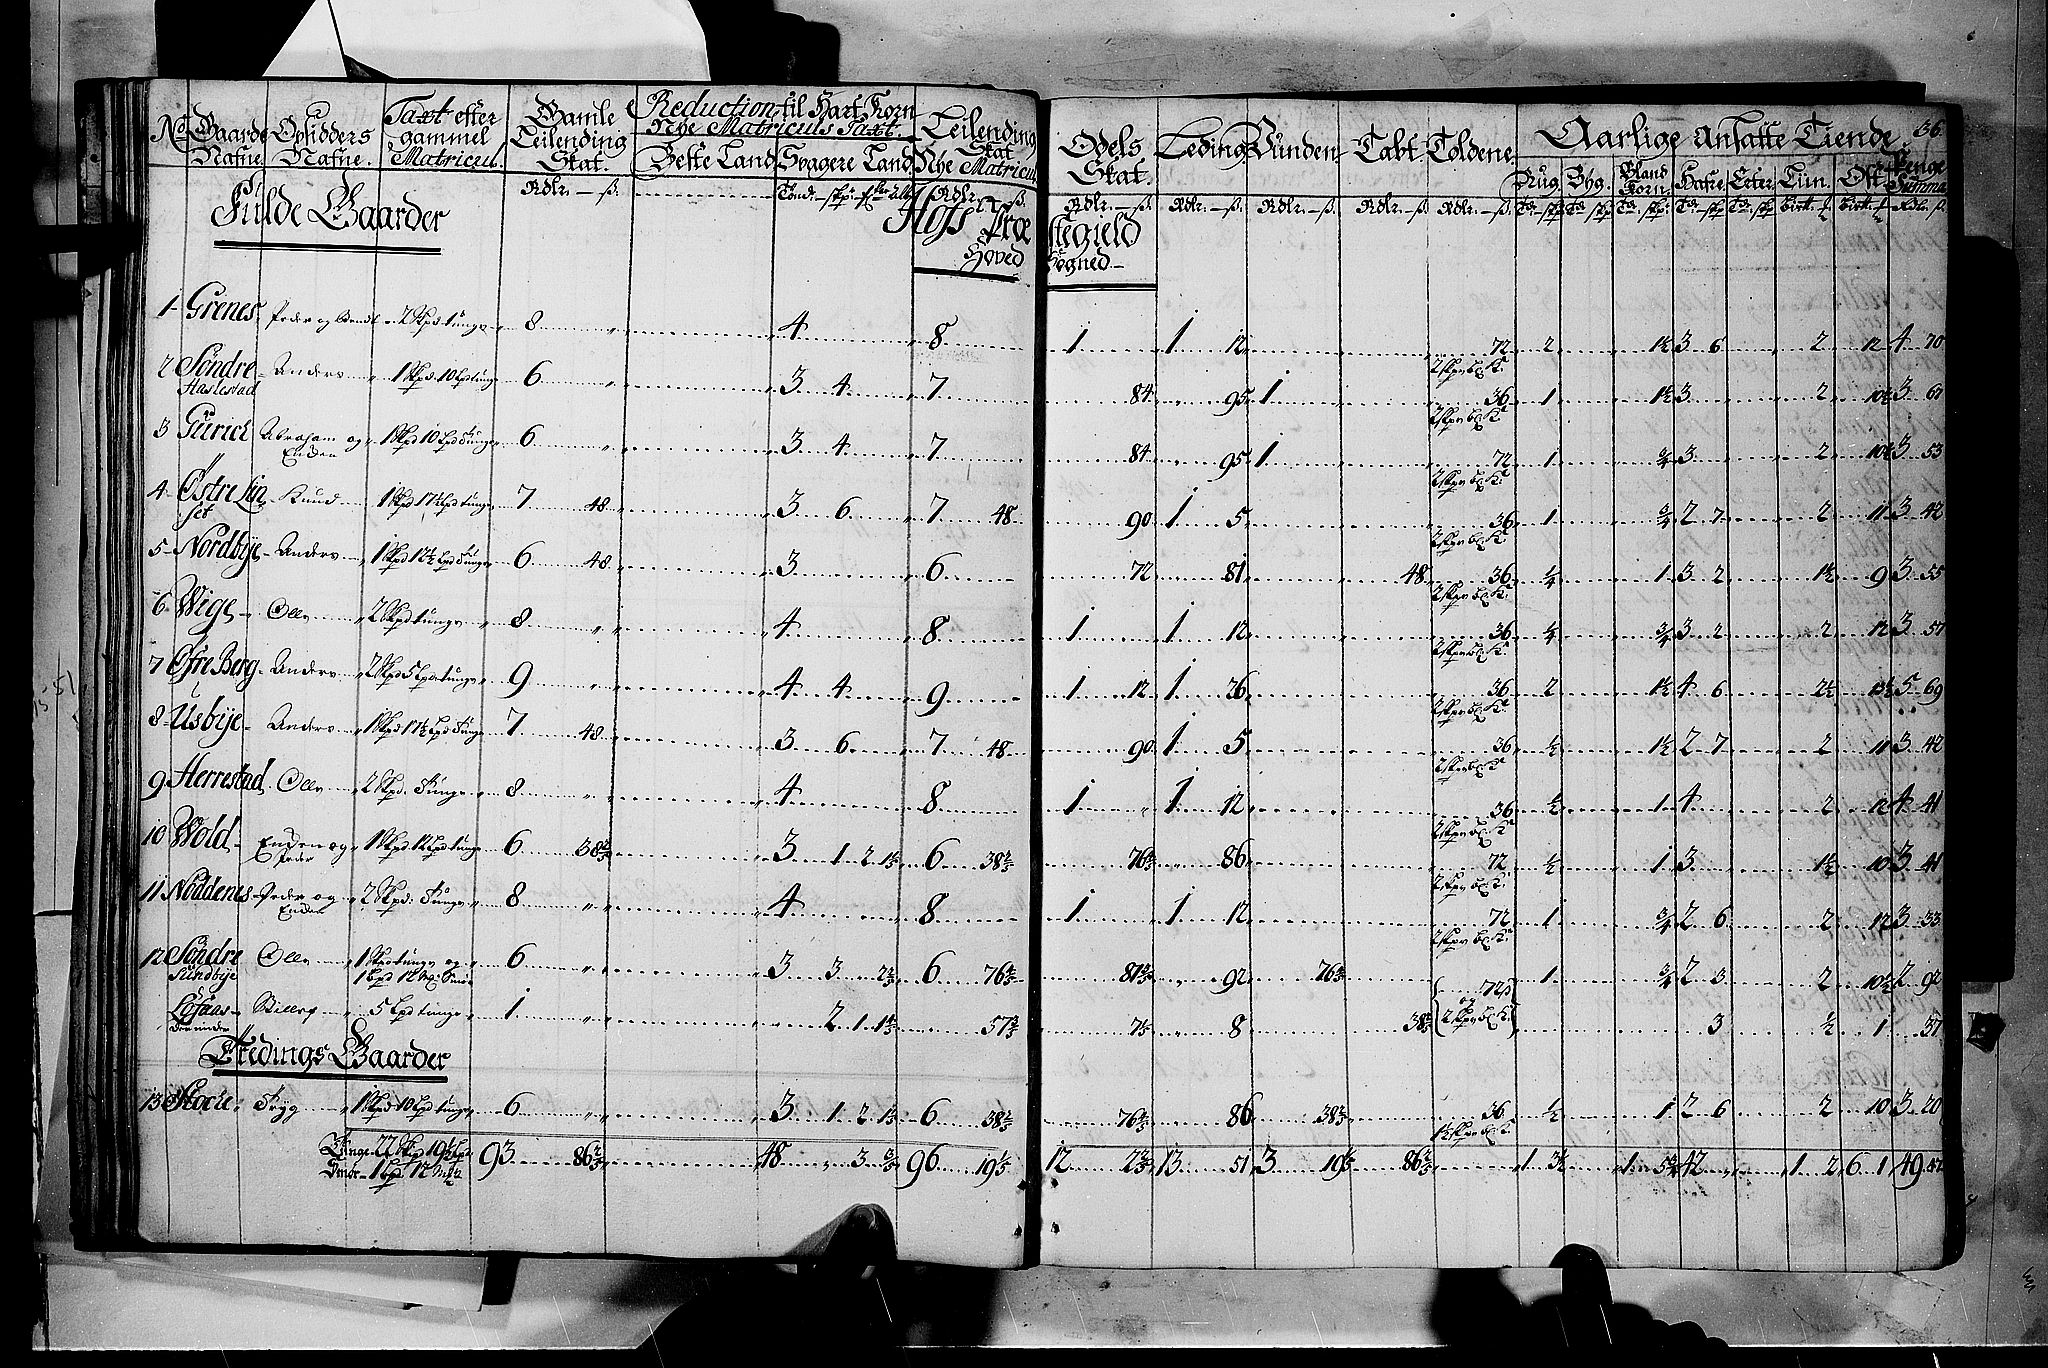 RA, Rentekammeret inntil 1814, Realistisk ordnet avdeling, N/Nb/Nbf/L0116: Jarlsberg grevskap matrikkelprotokoll, 1723, s. 35b-36a